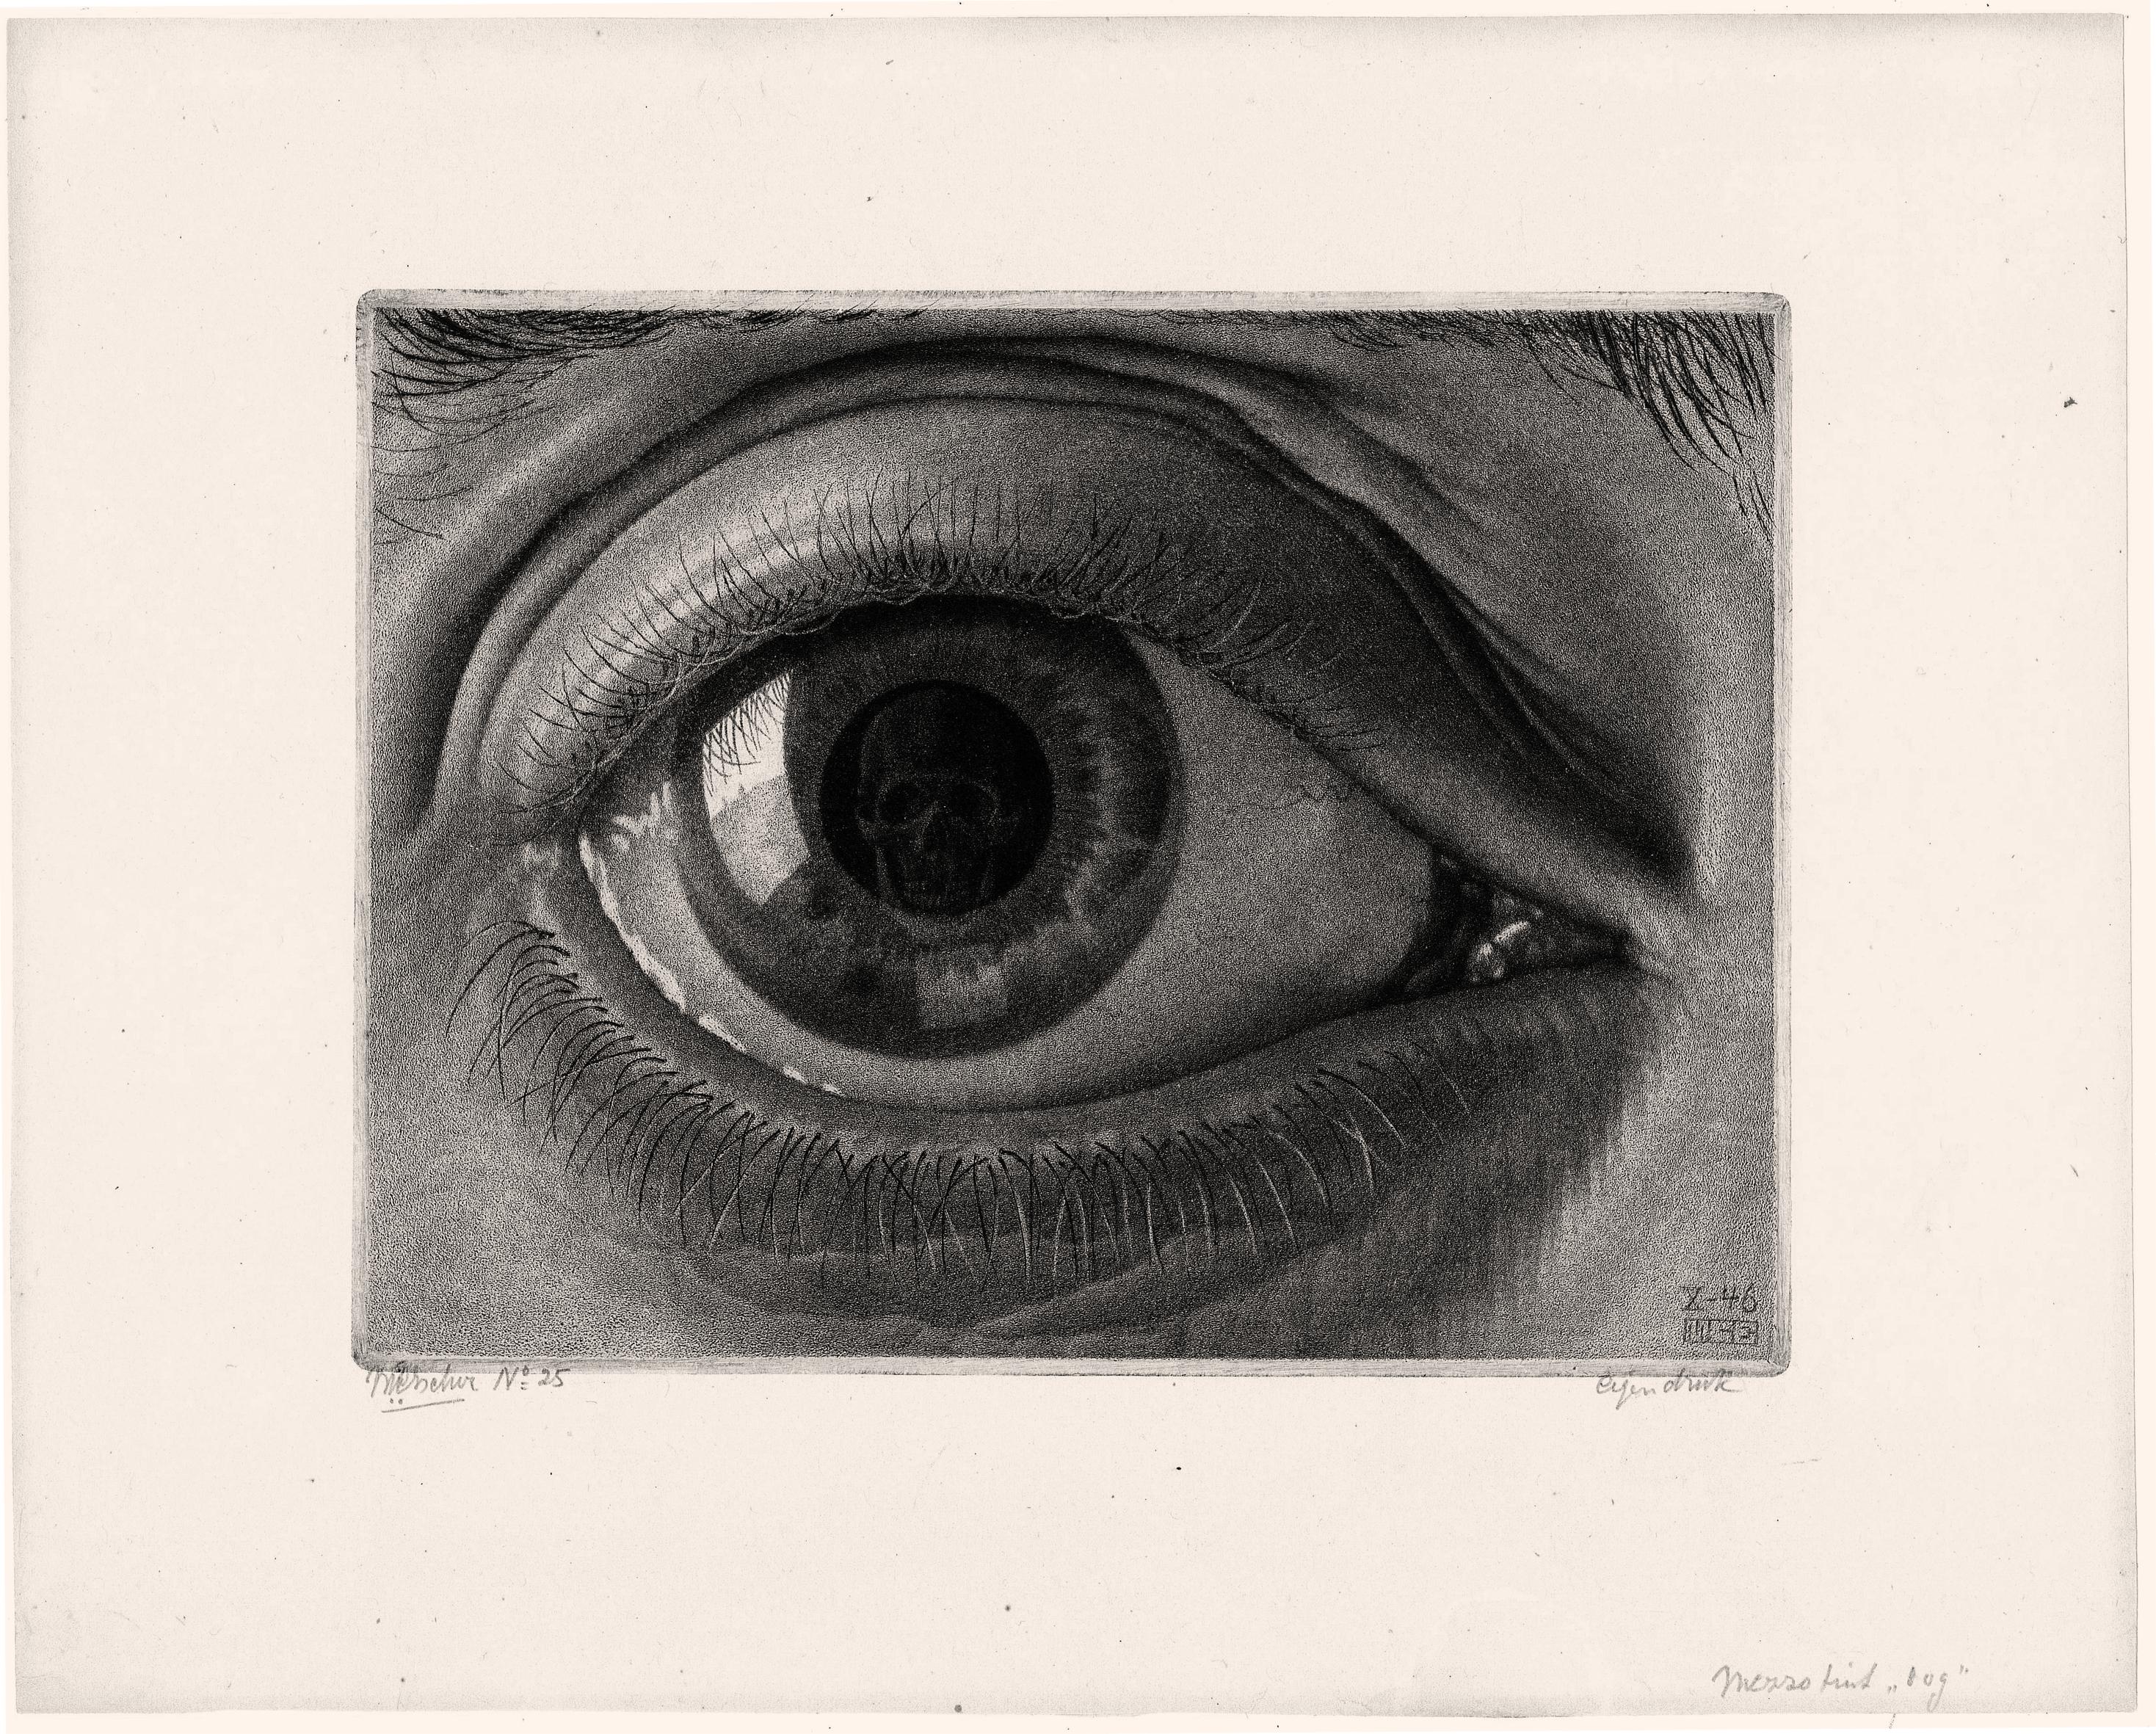 M. C. Escher Eye, 1946